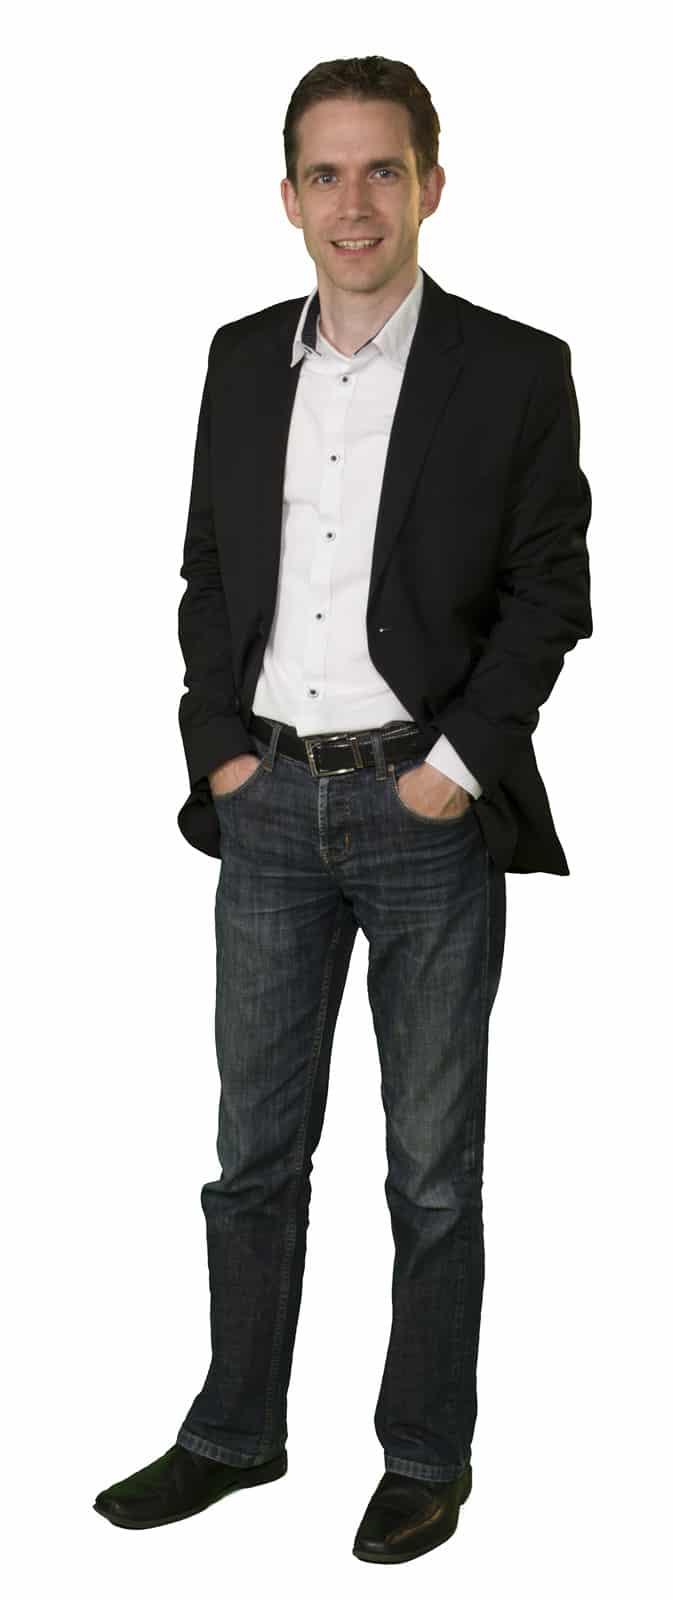 Johan van der Graaf